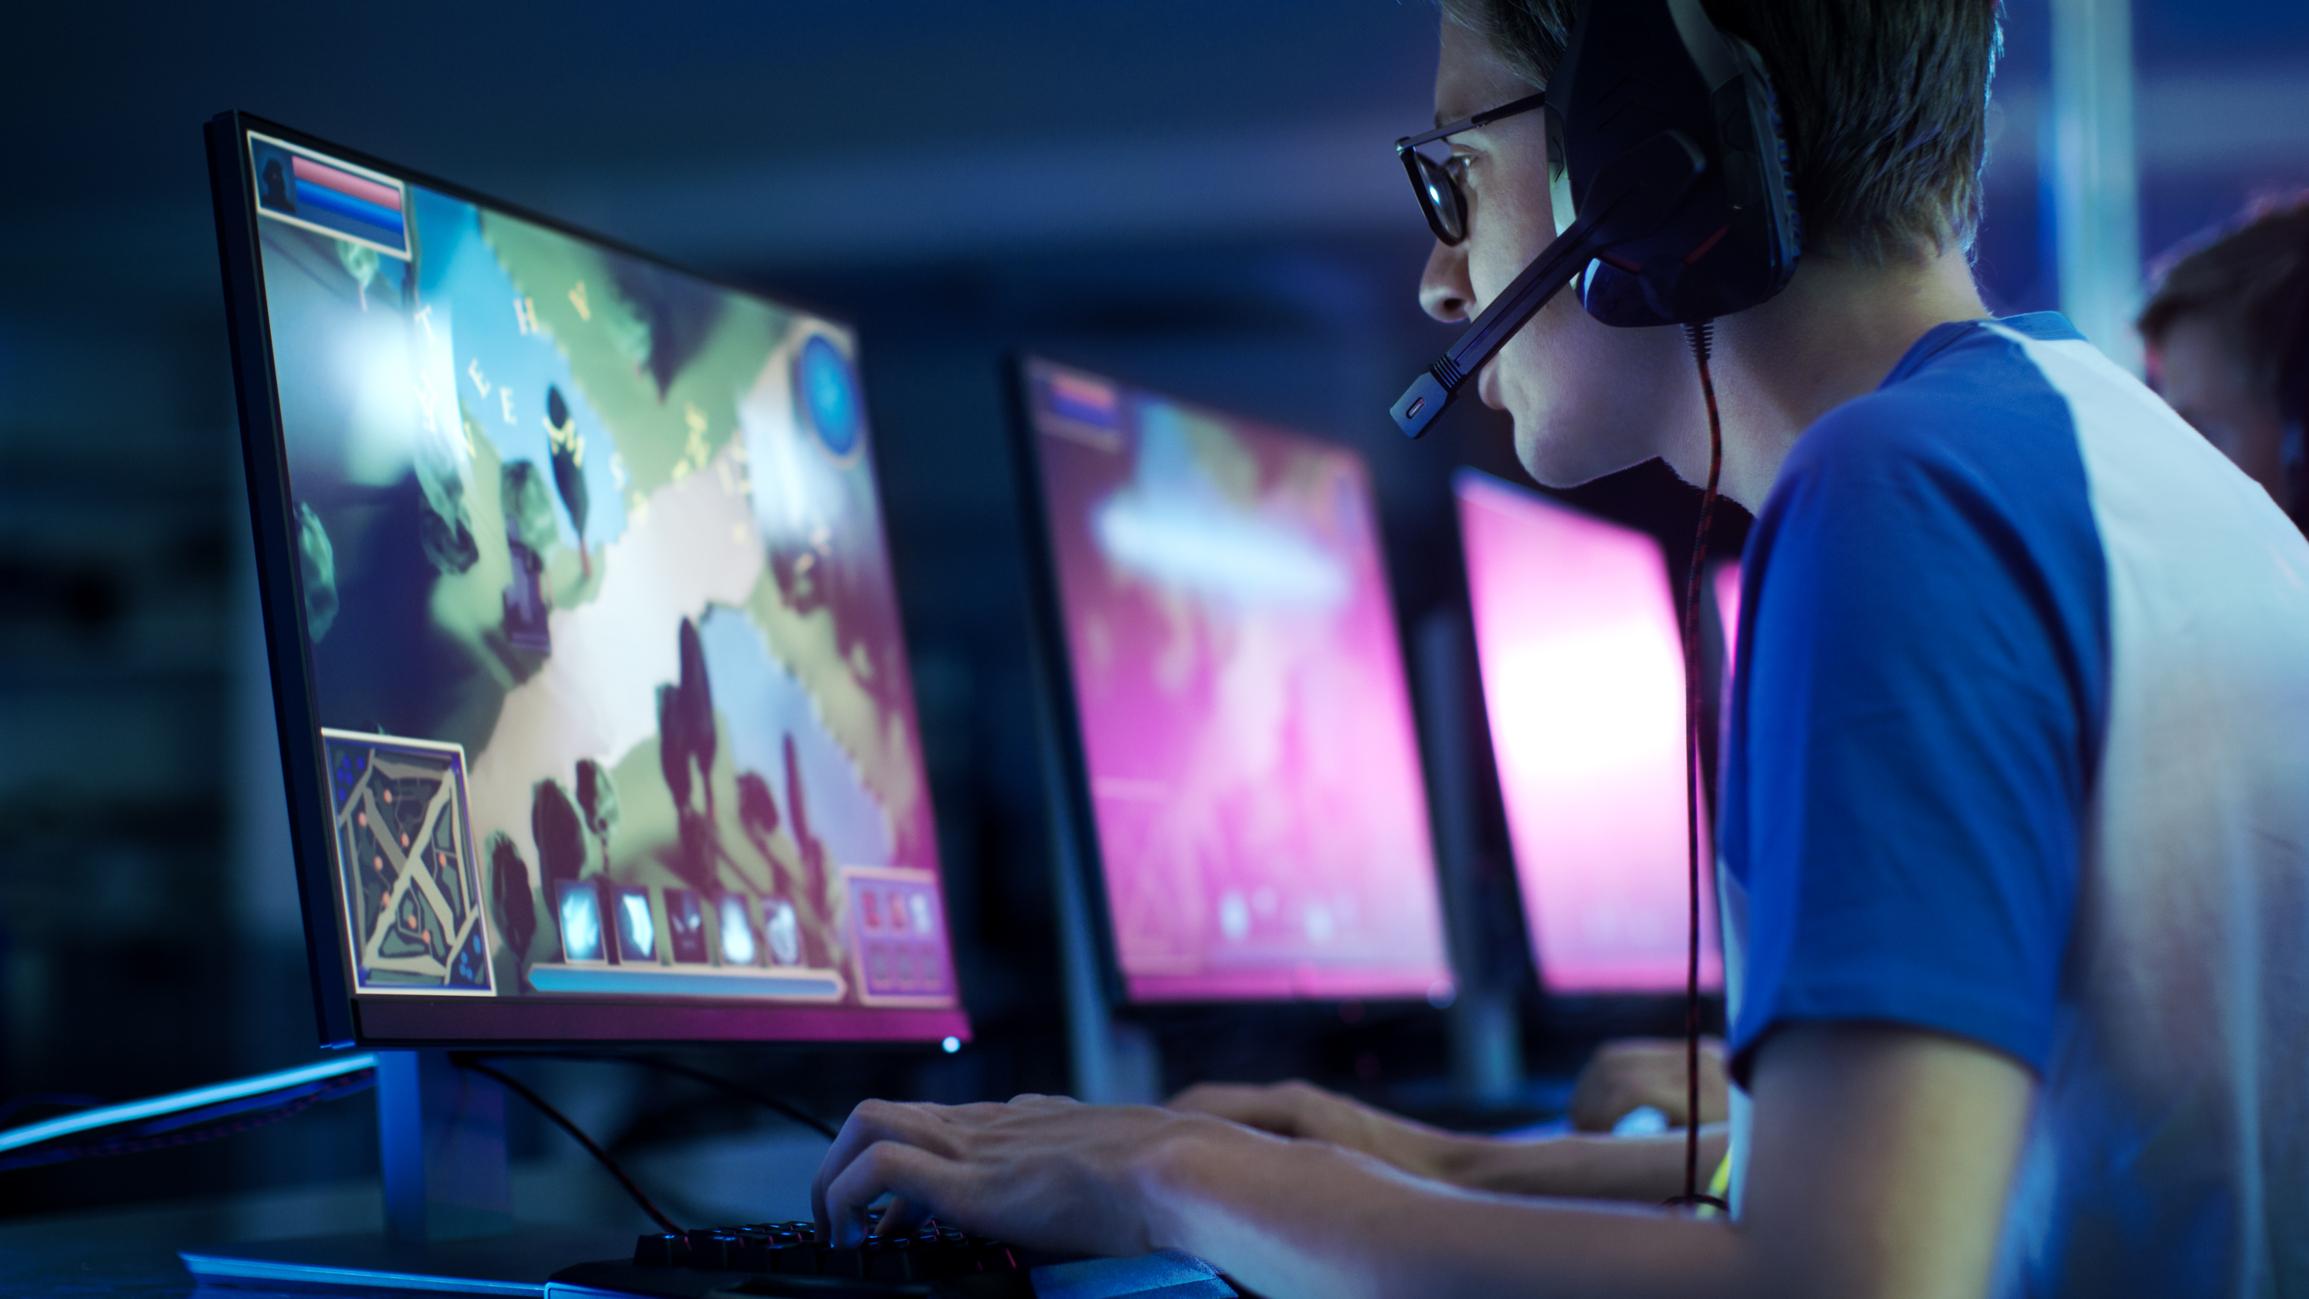 Ripple financia industria de videojuegos de código abierto